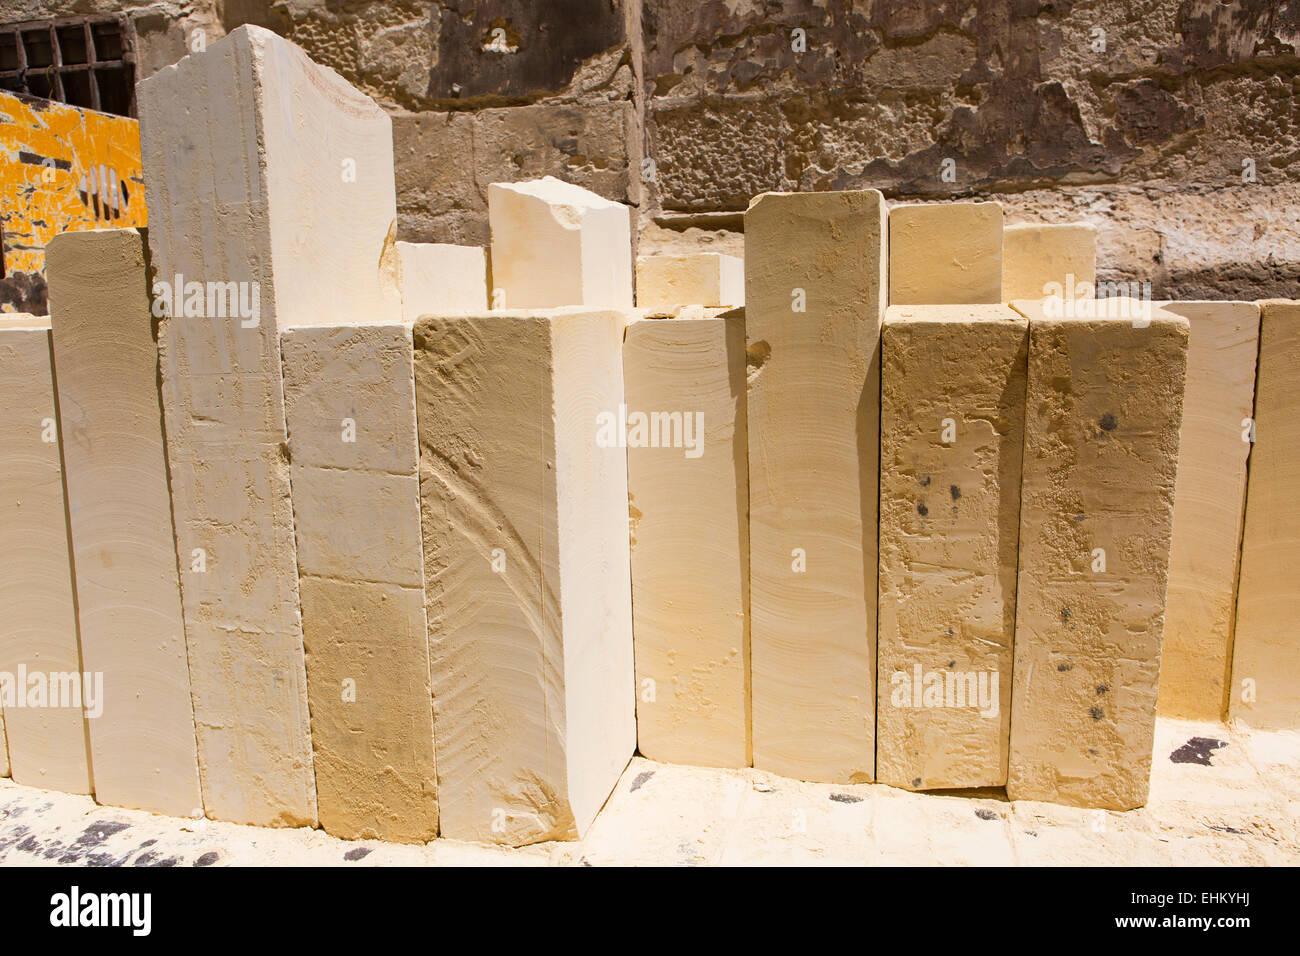 Malta, Valletta limestone - Stock Image